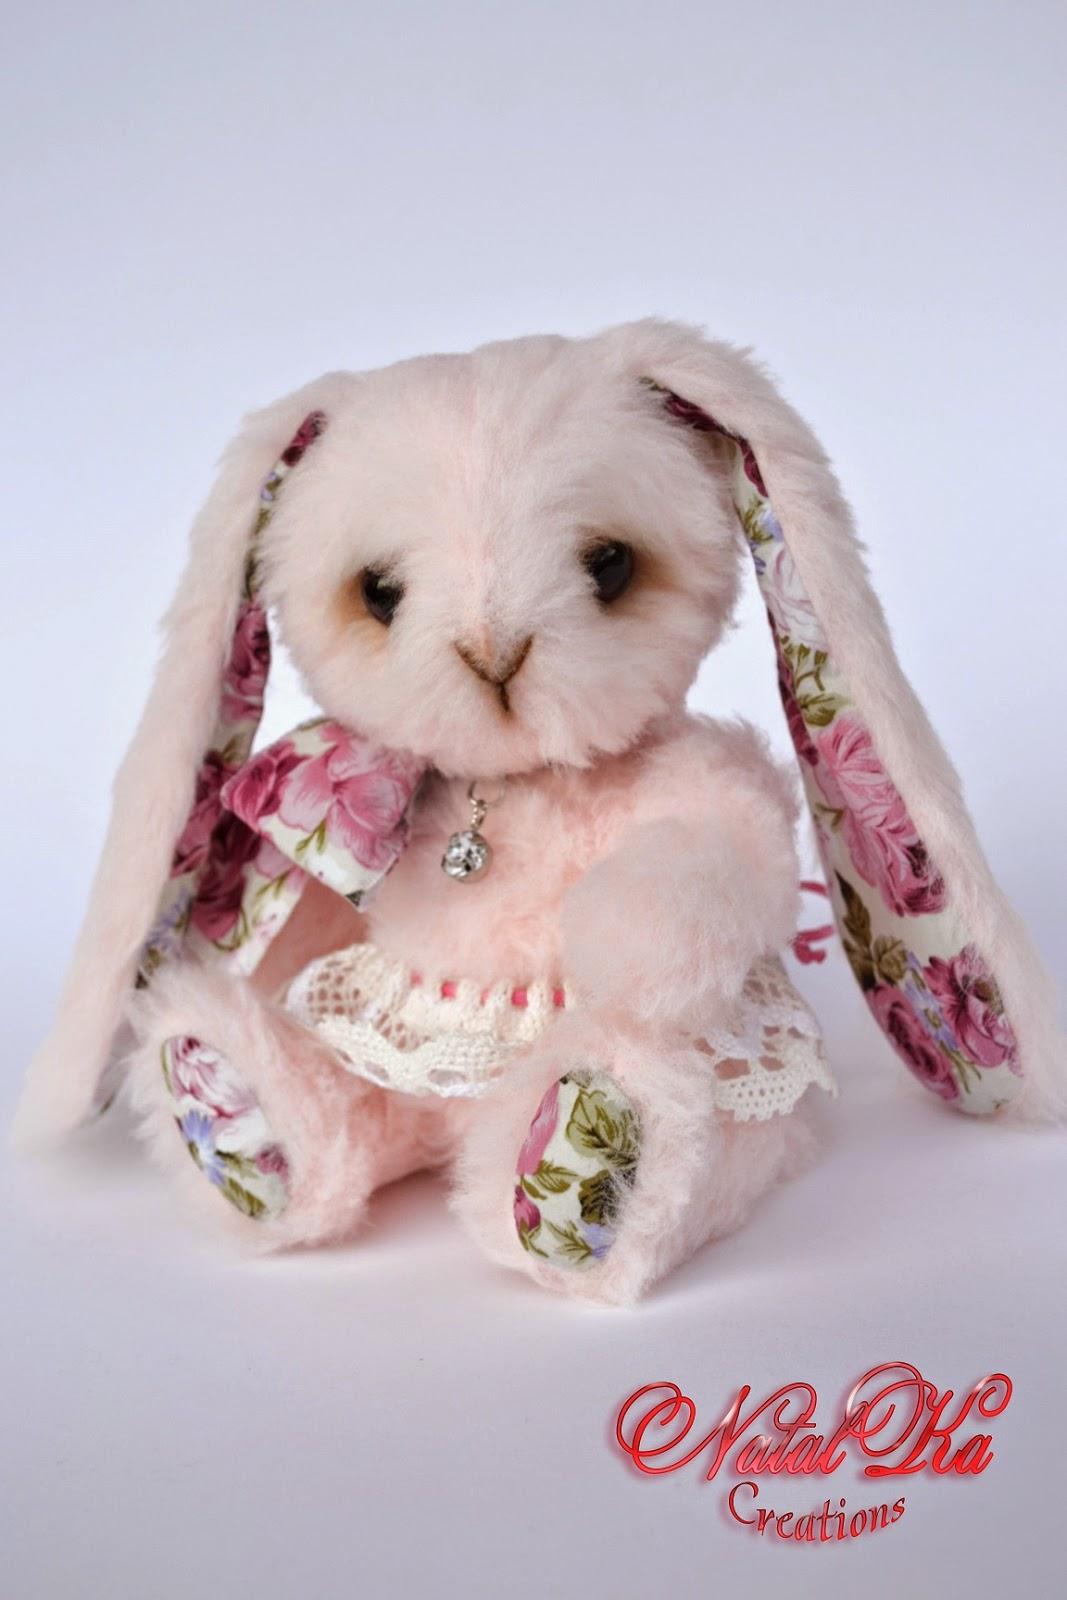 Künstler Teddy Hase handgemacht von NatalKa Creations. Artis teddy bunny handmade by NatalKa Creations.